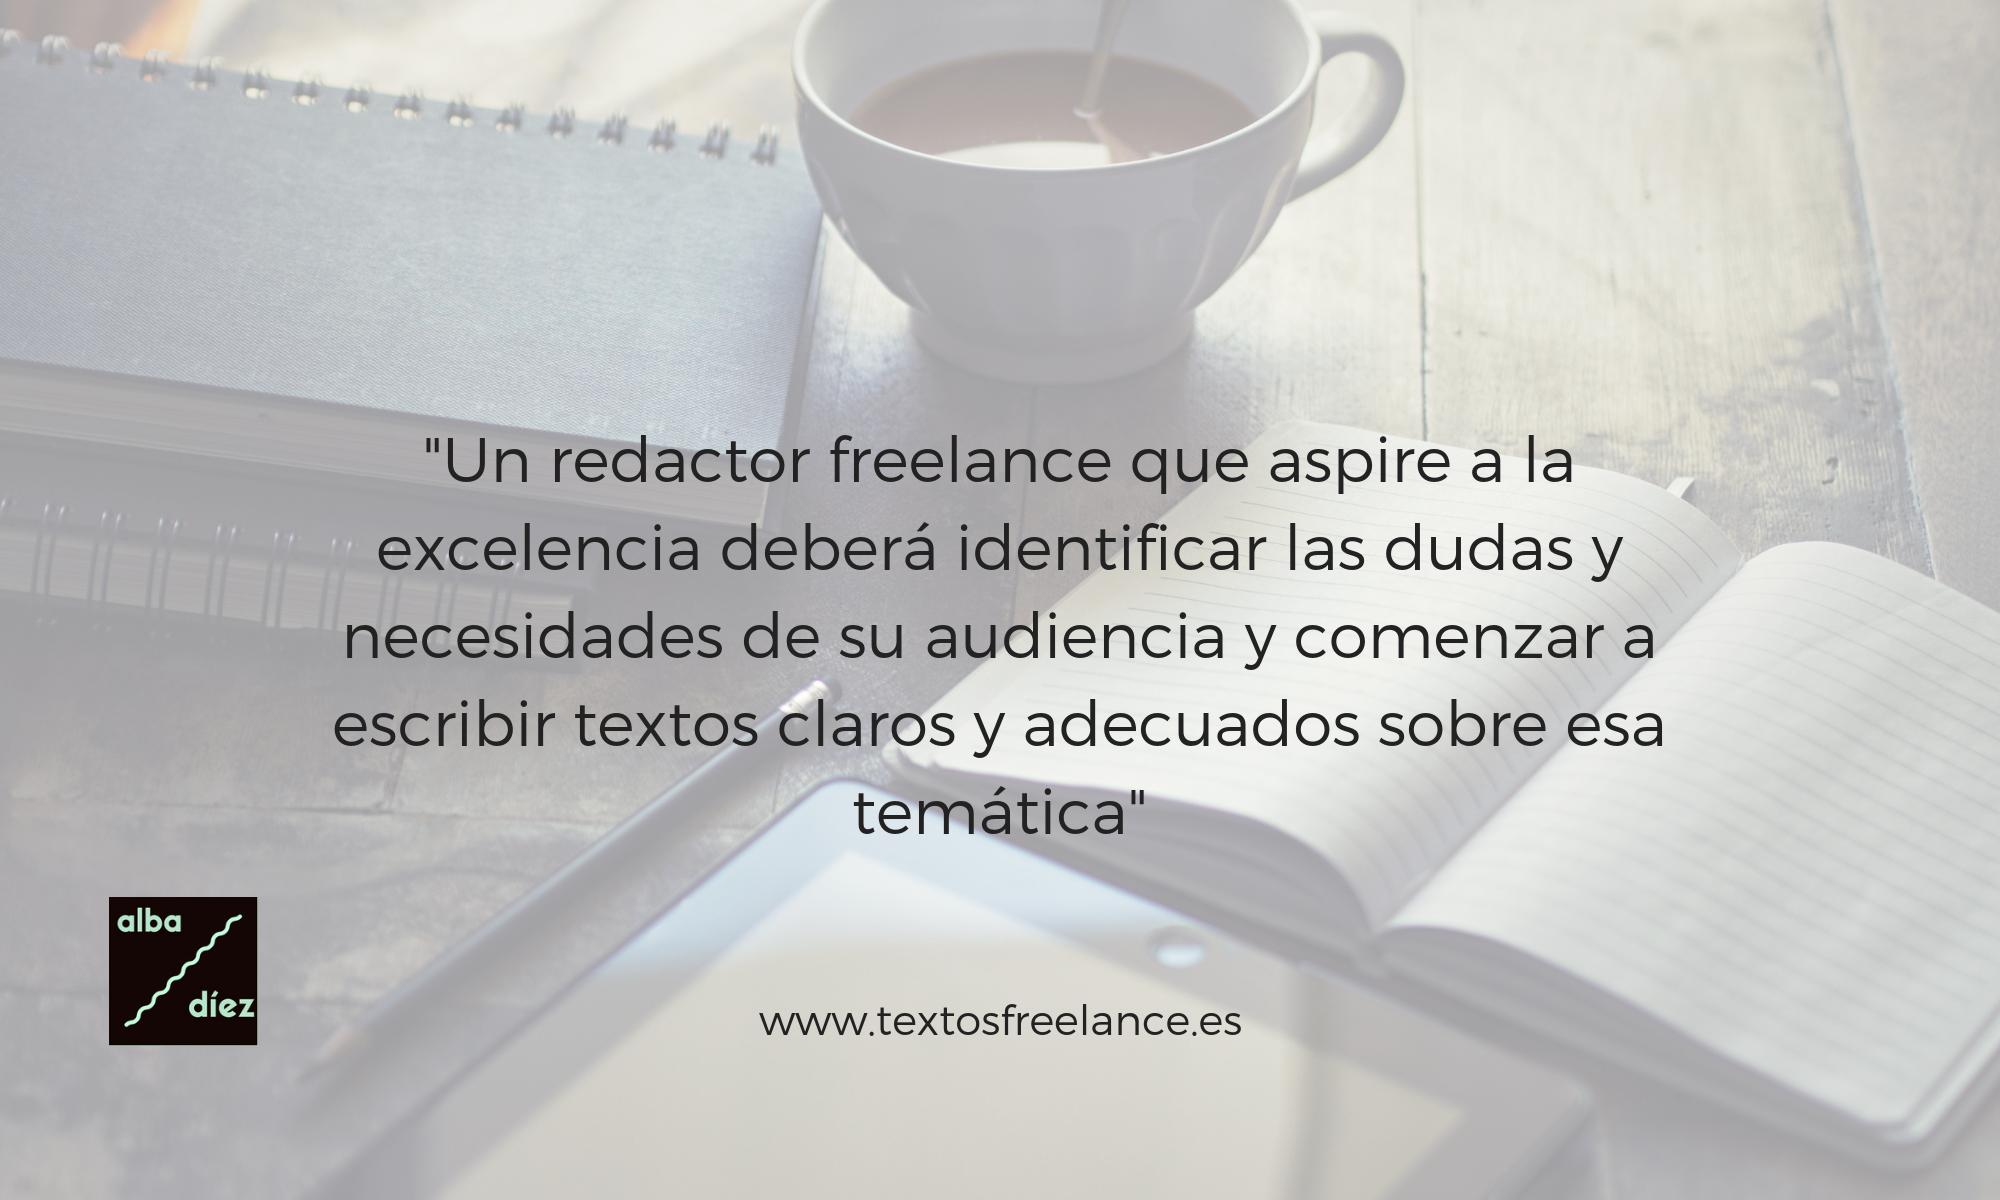 qué hace un redactor freelance